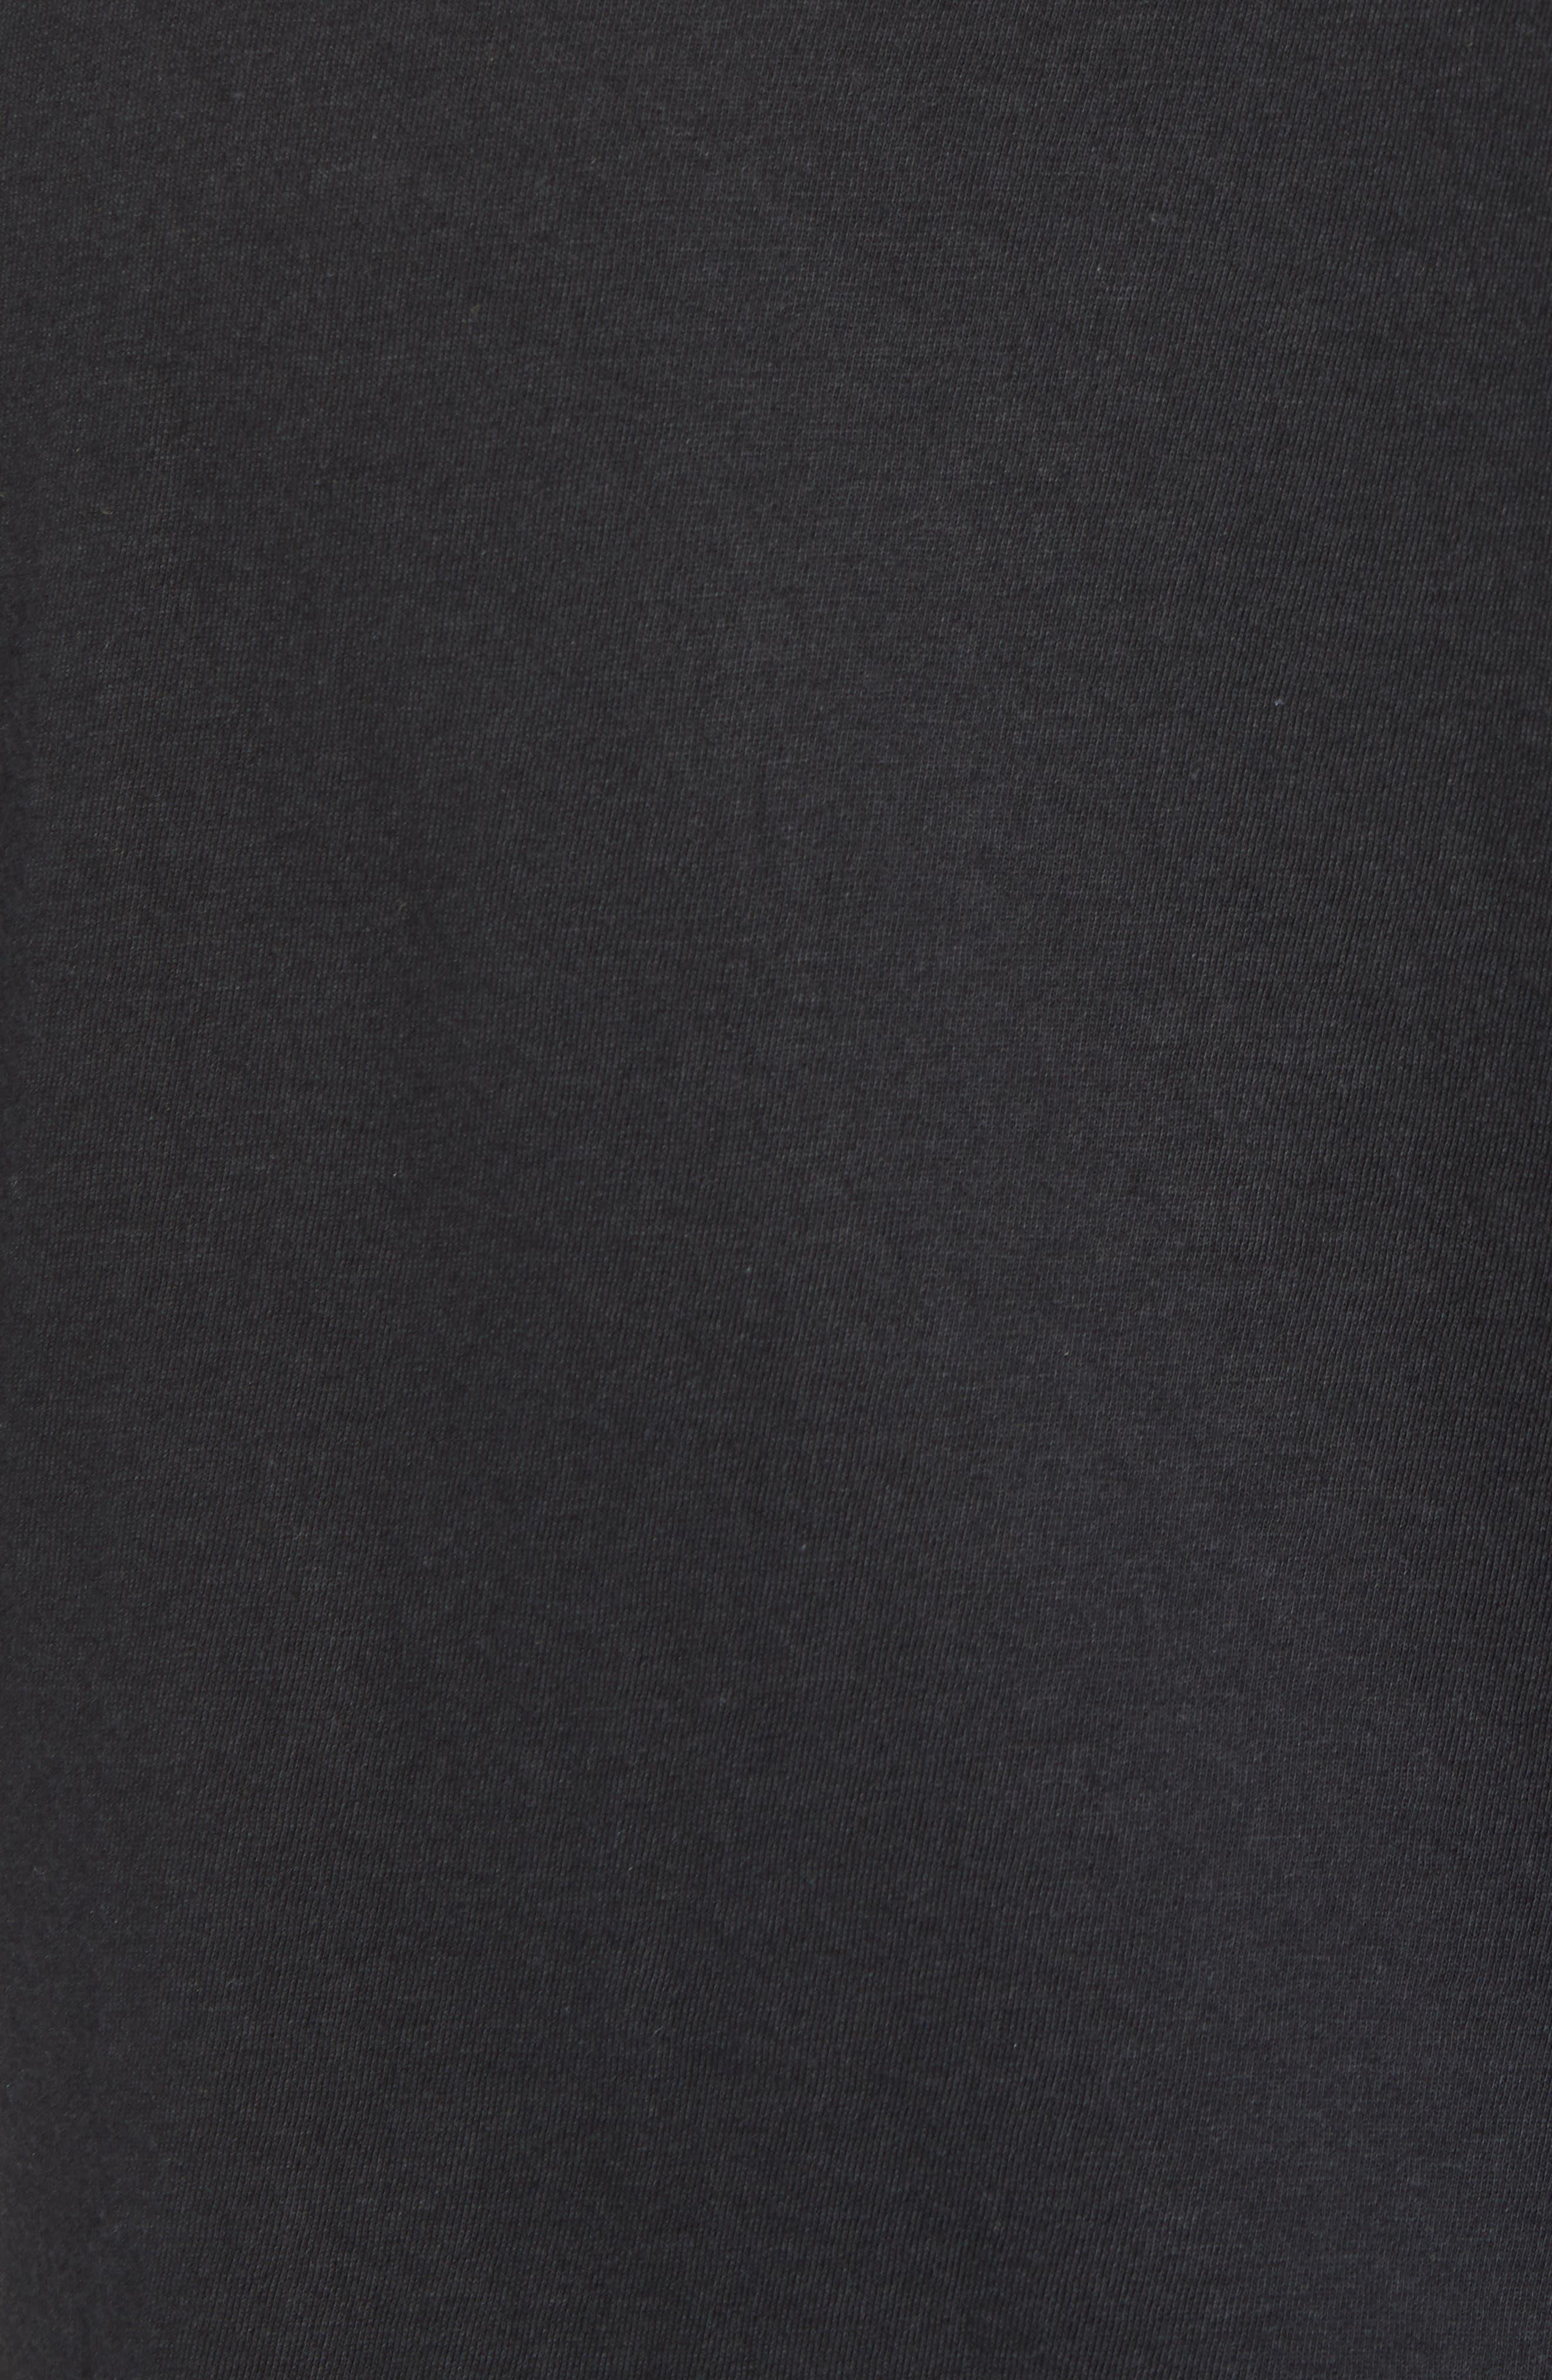 Tri-Splice T-Shirt,                             Alternate thumbnail 5, color,                             BLACK NAVY SKI SPLICE